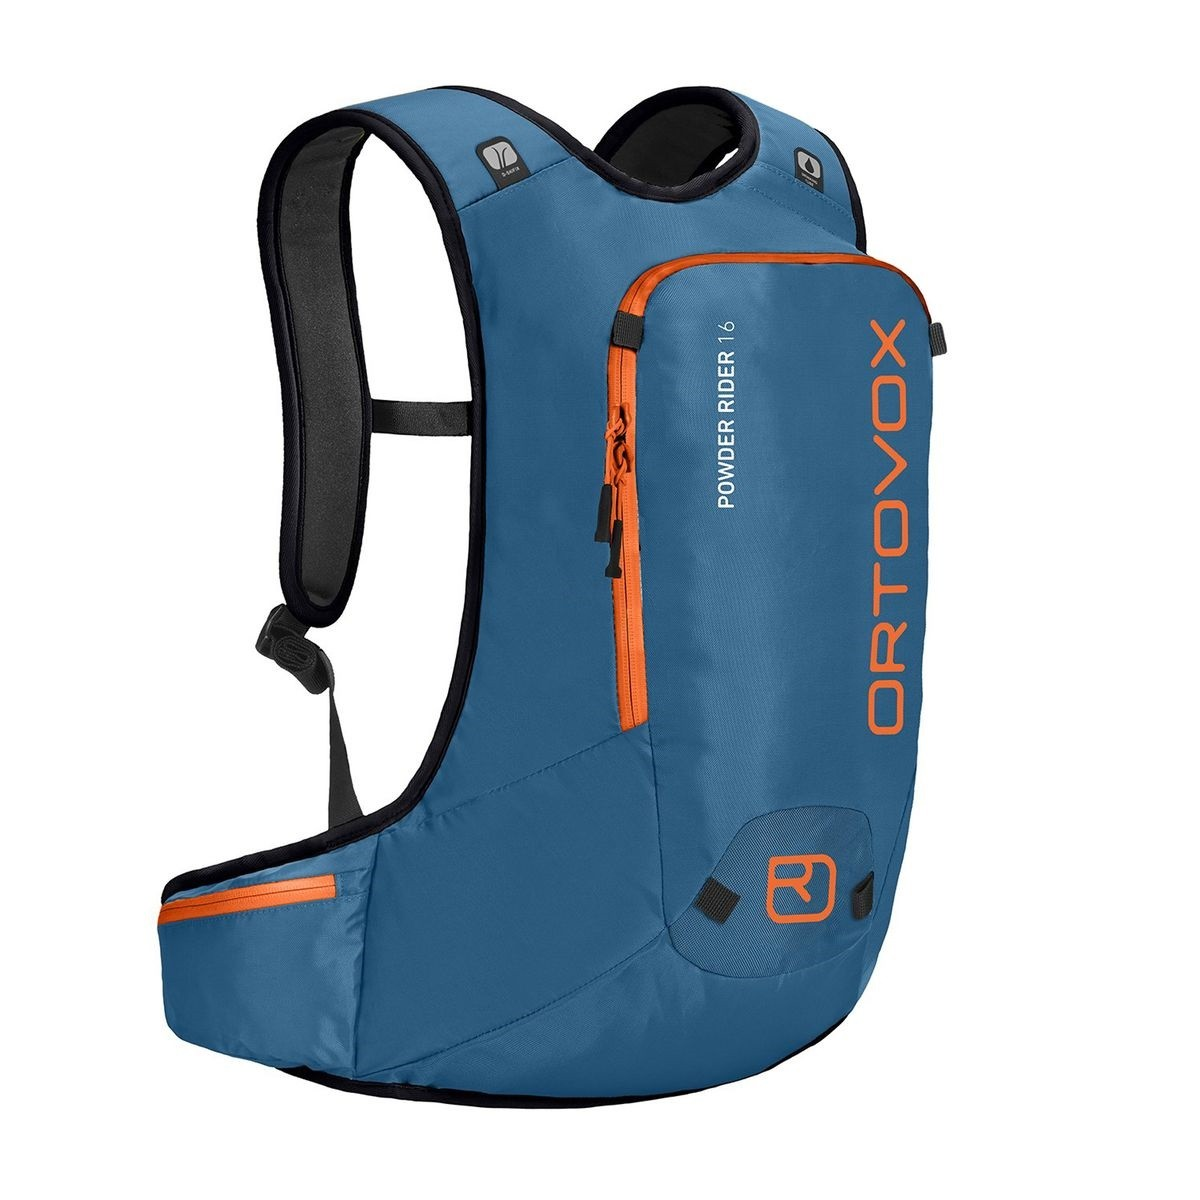 4ca604e524 Offerta Ortovox Free Rider 16 - Blue Sea su Mancini Store